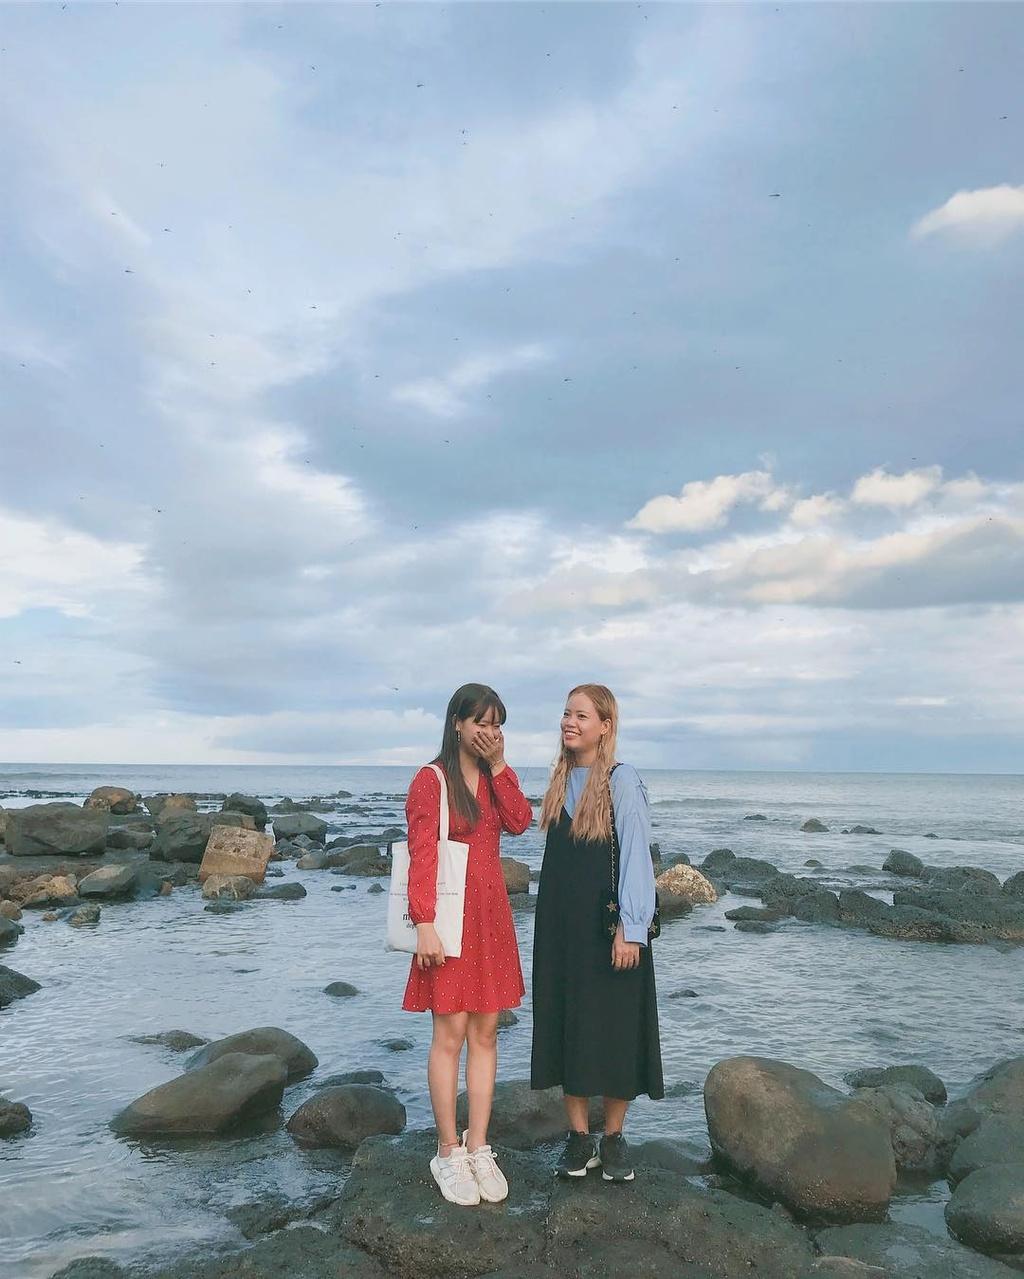 Bên cạnh những chia sẻ về bãi biển xanh mát, hải sản ngon, du khách còn bày tỏ về vấn đề rác thải ở khu vực biển Cửa Tùng.